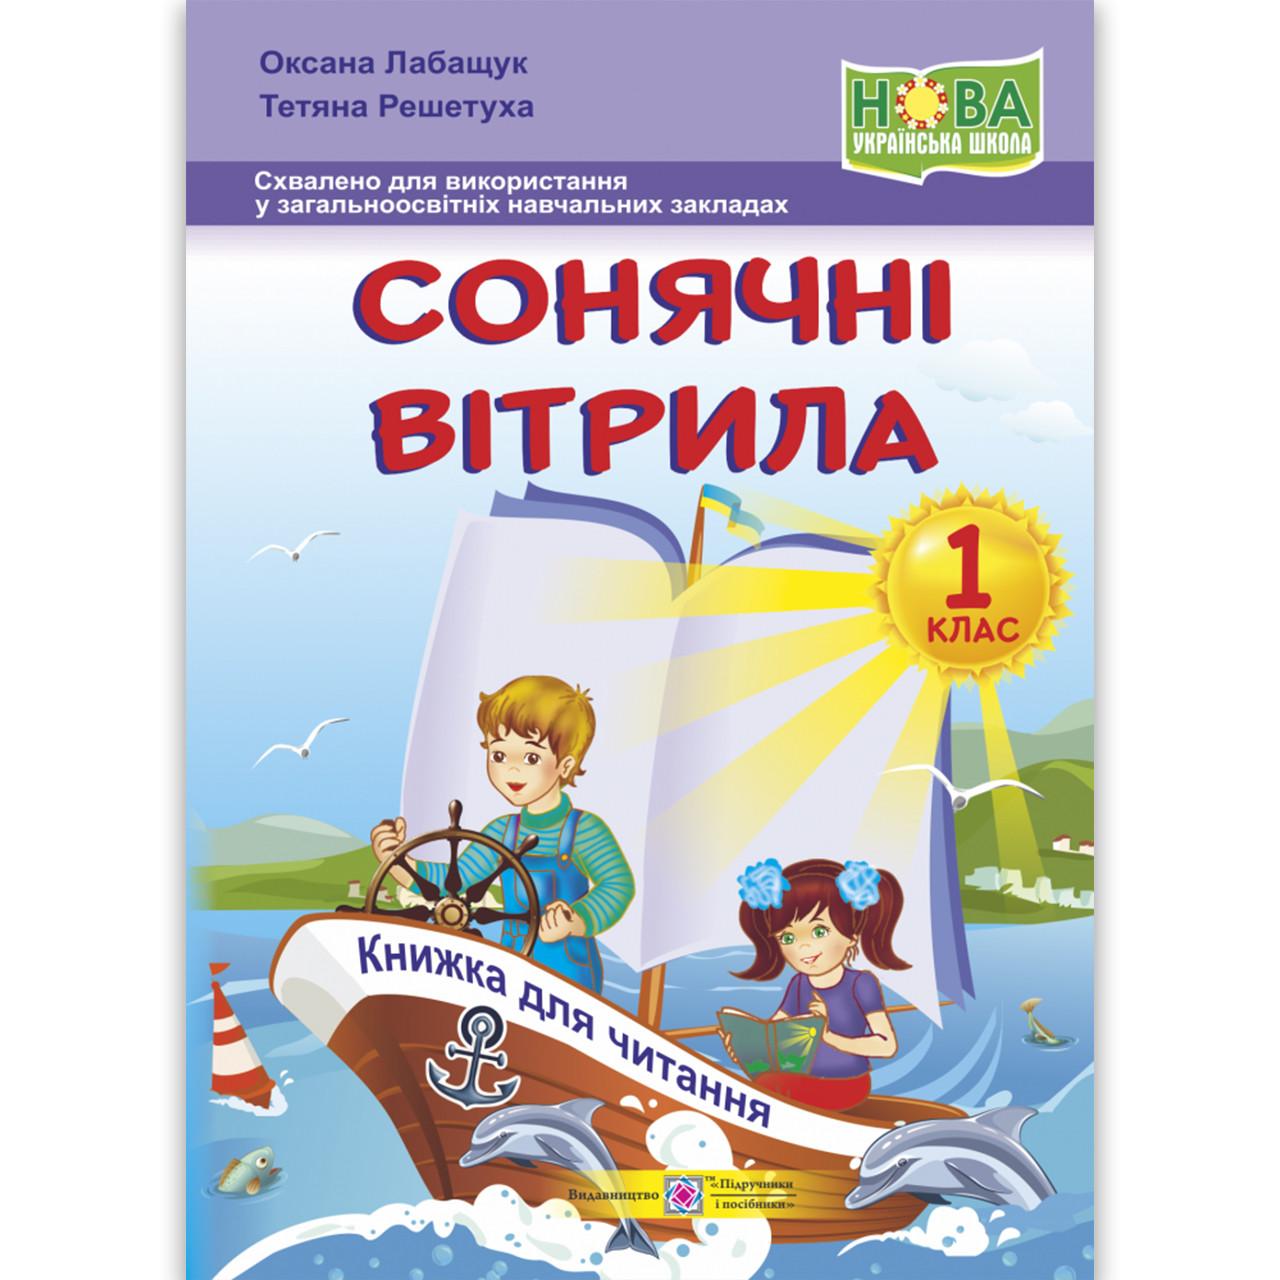 Сонячні вітрила Книжка для читання 1 клас Авт: Лабащук О. Вид: Підручники і Посібники